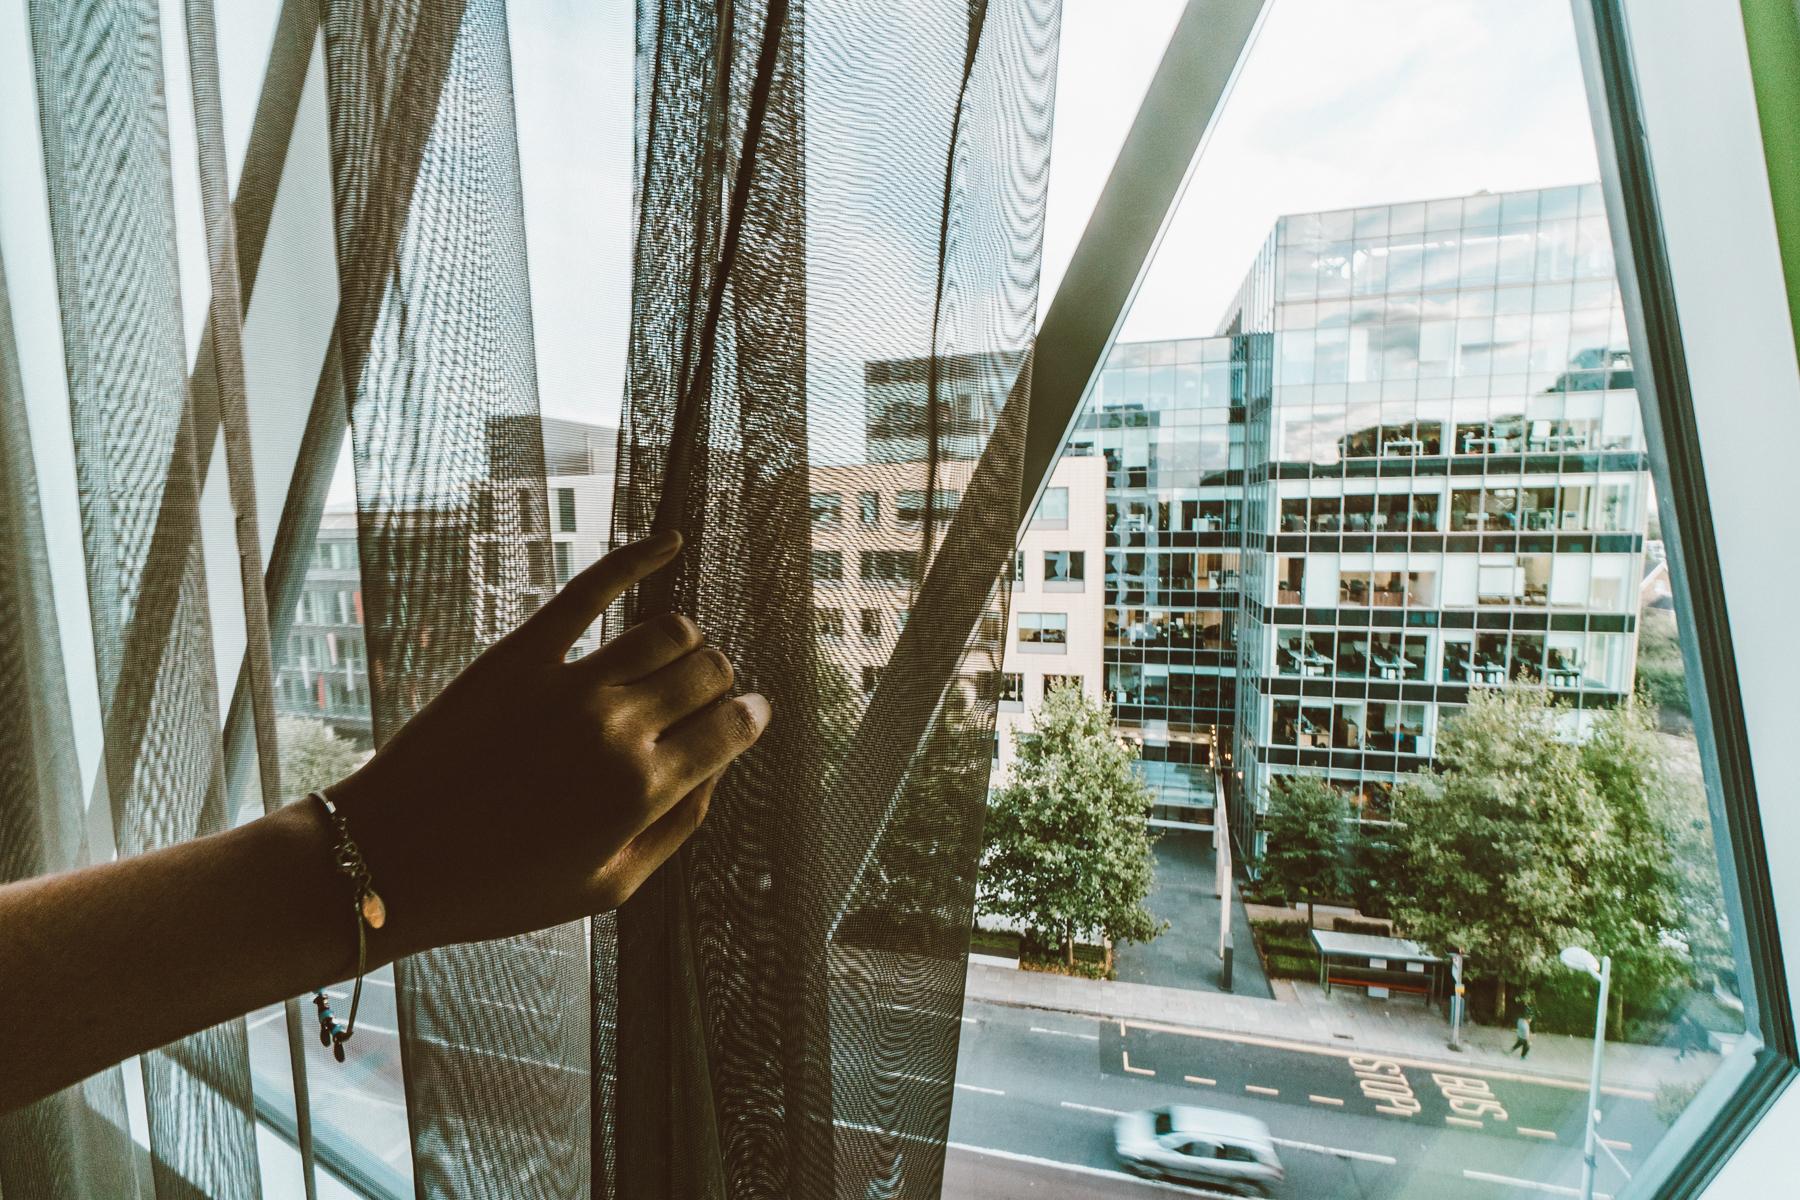 Ibis Styles Ealing Room & Lobby Review (5 of 14).jpg